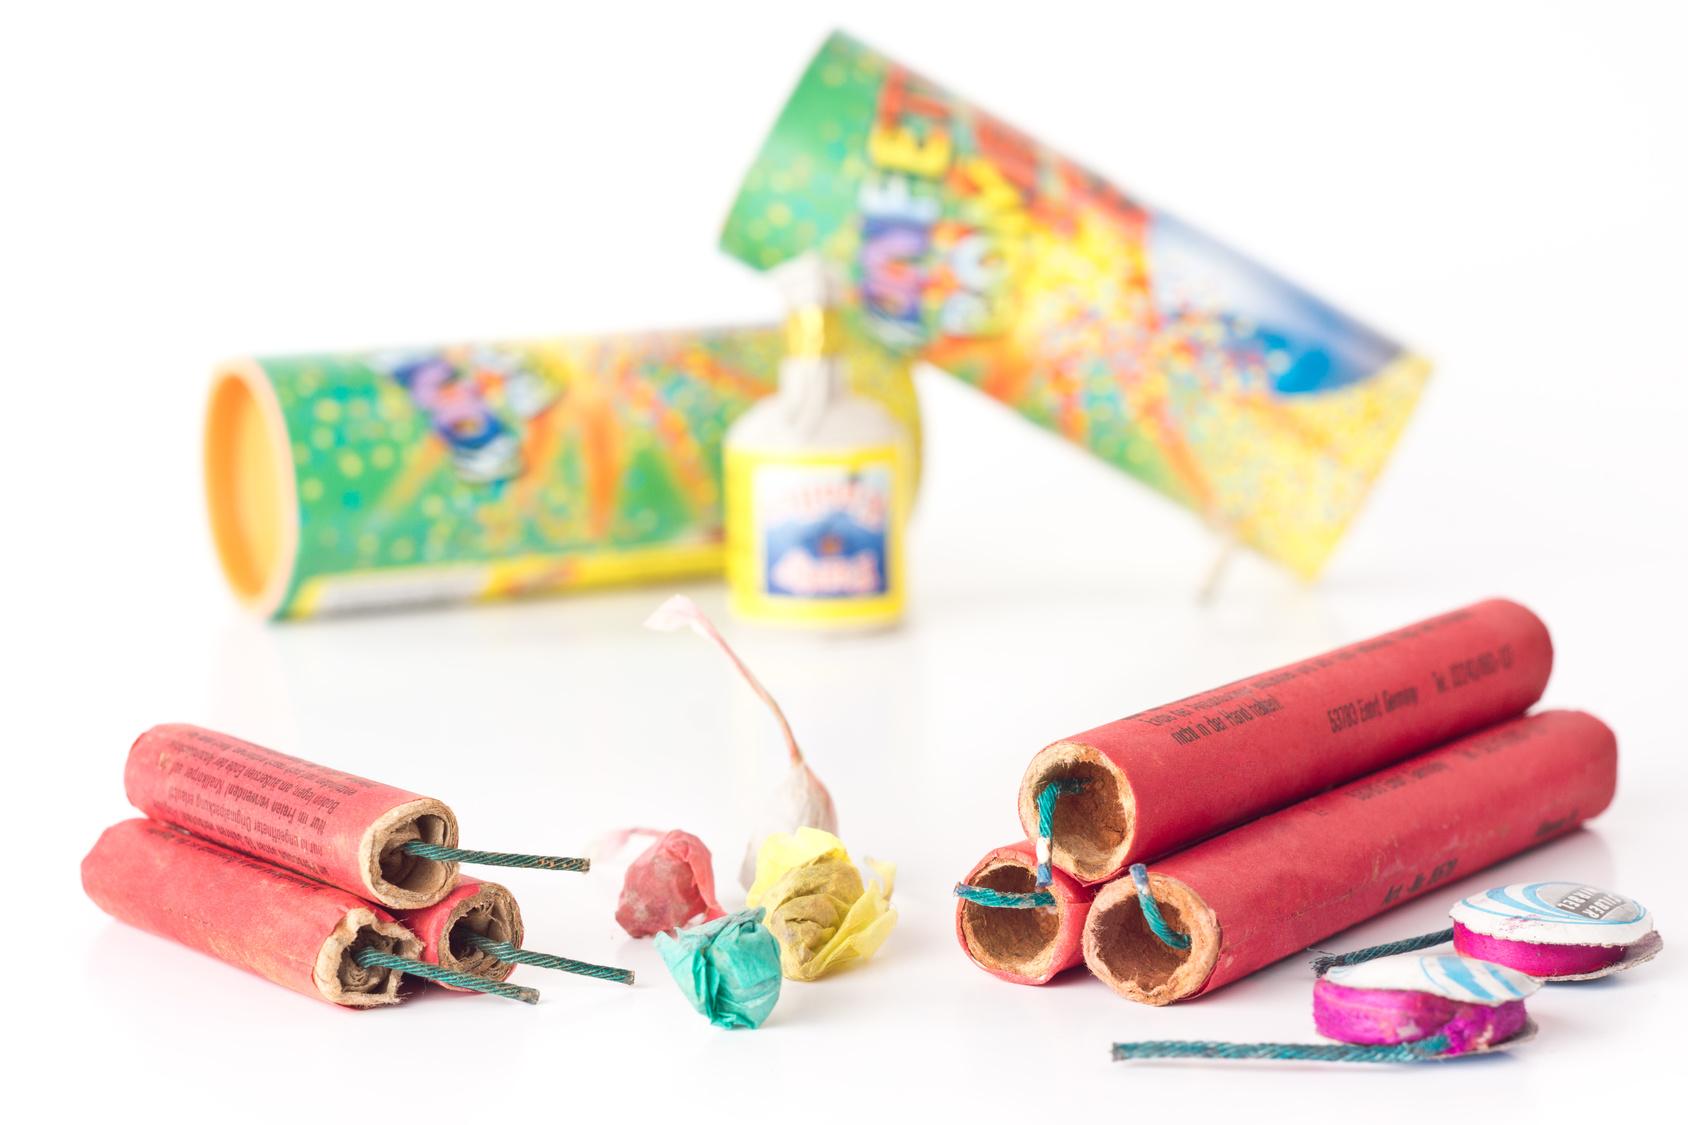 Bild Feuerwerk für Kinder nicht geeignet